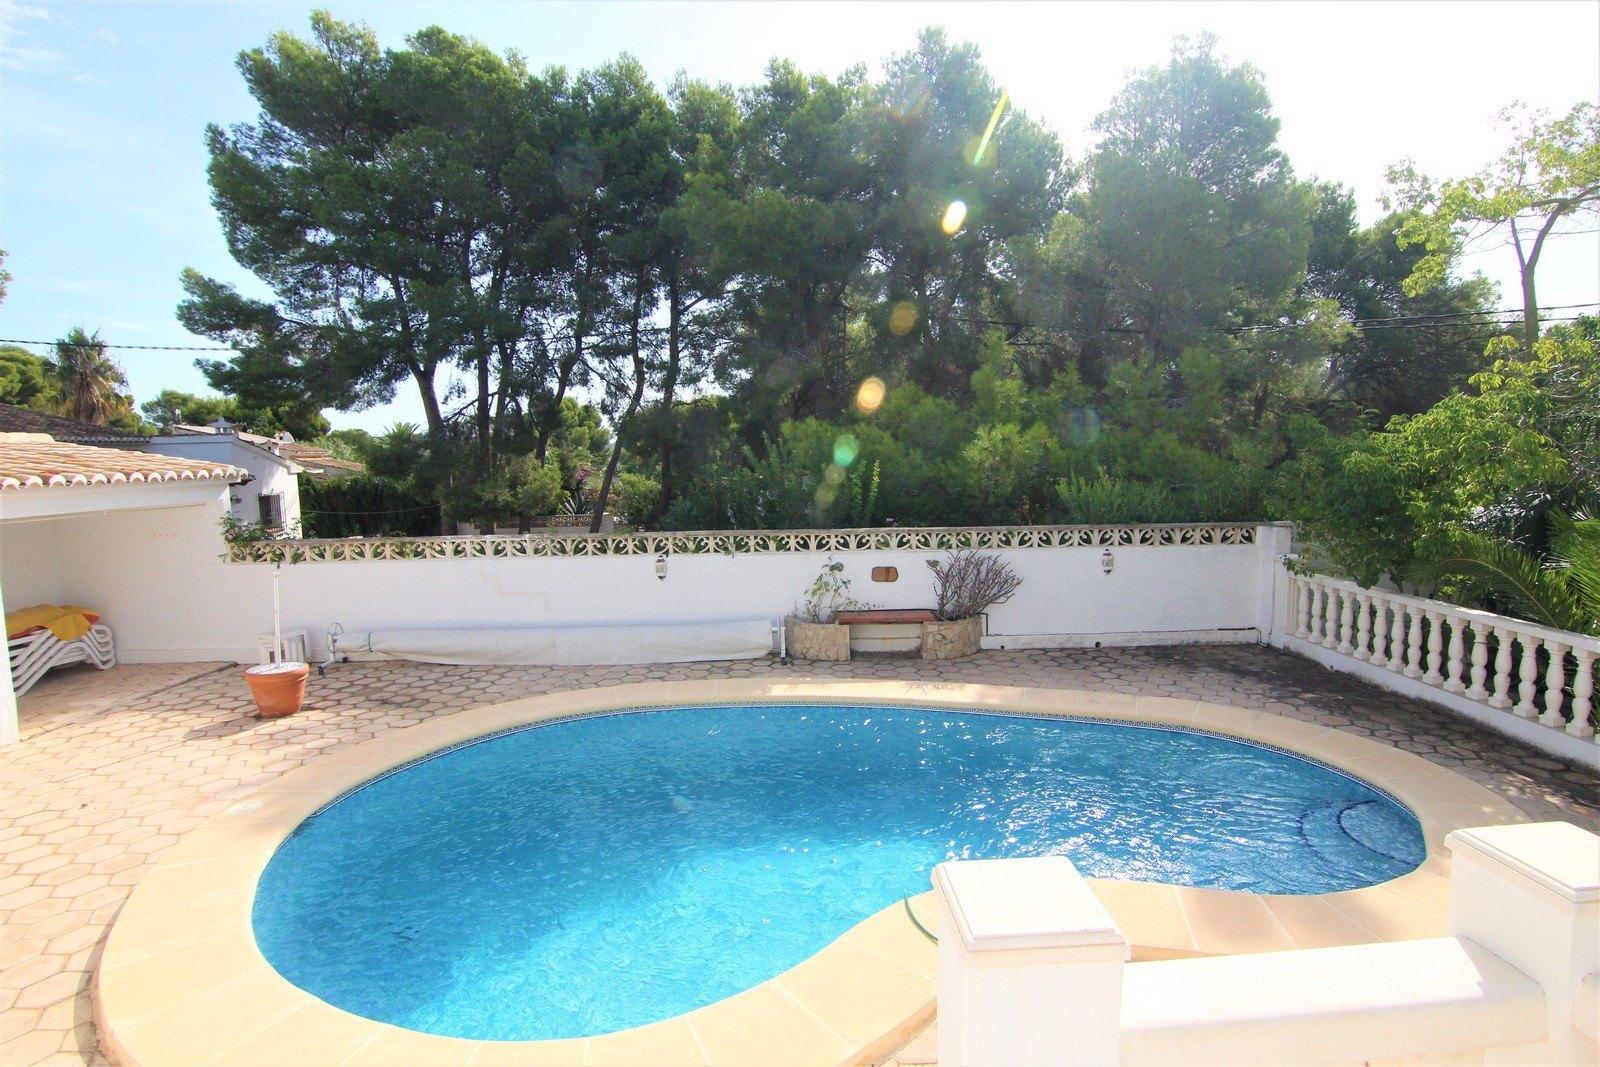 Villa con piscina climatizada y parcela llana cerca del pueblo.